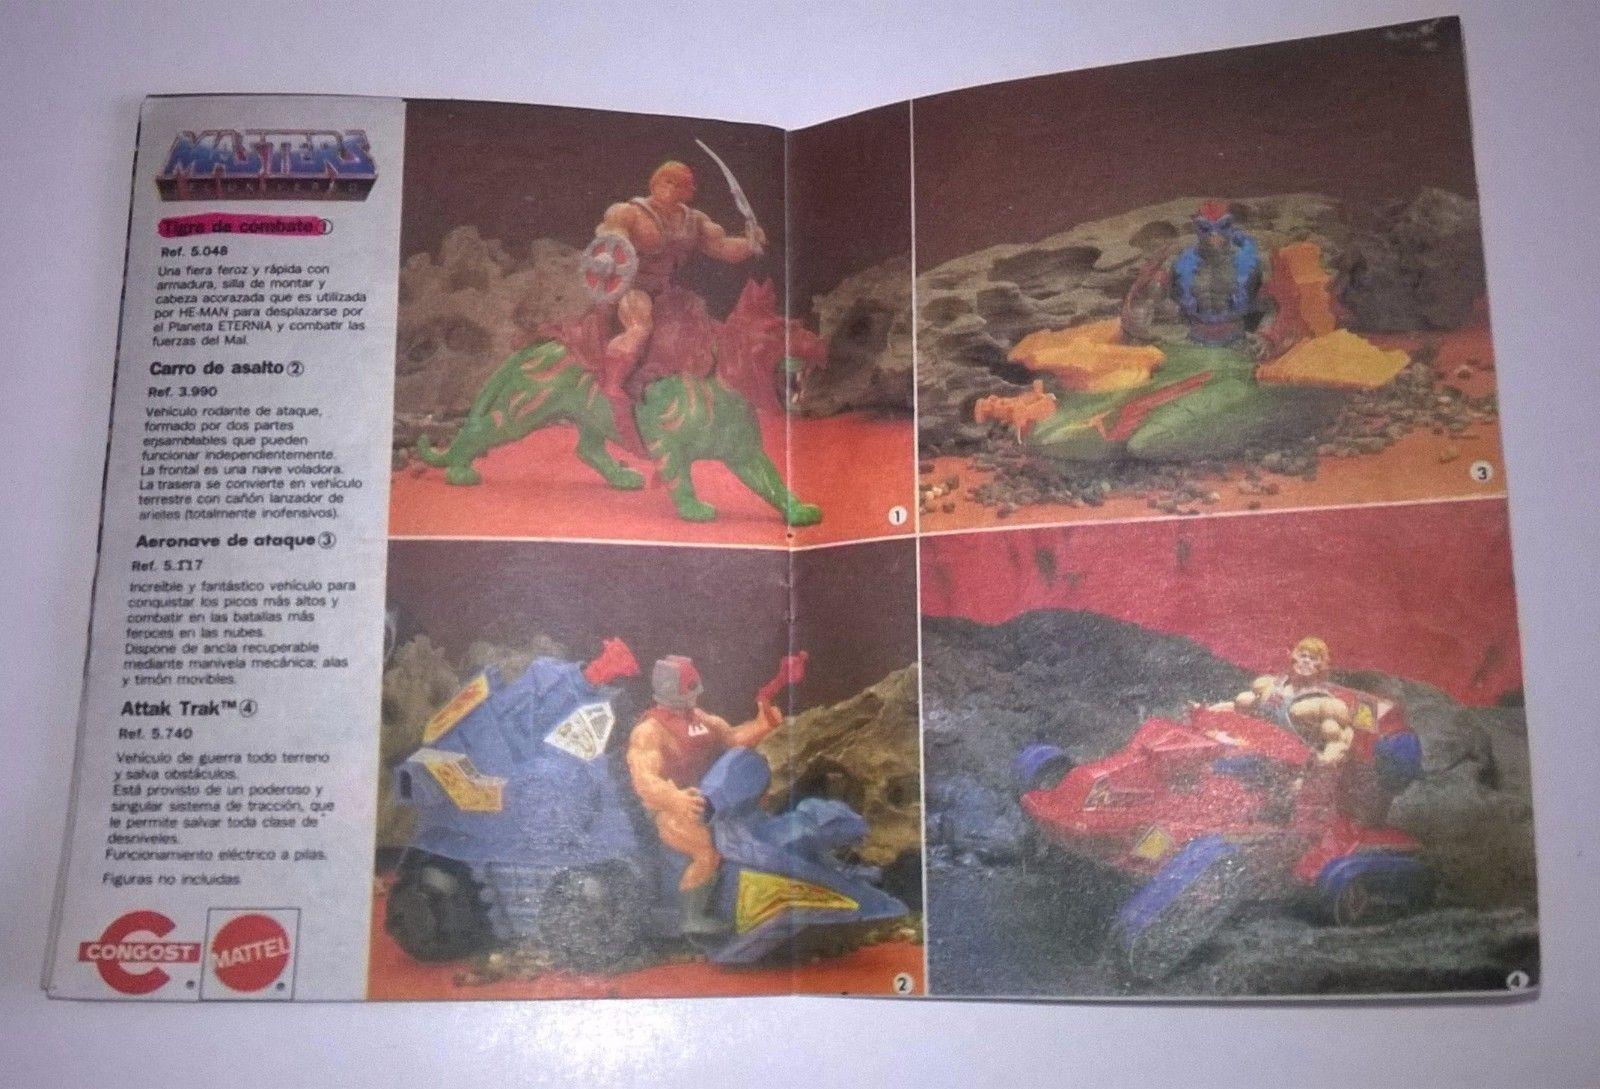 3000 in Juguetes y pasatiempos, Figuras de acción, Juegos de TV, películas y video